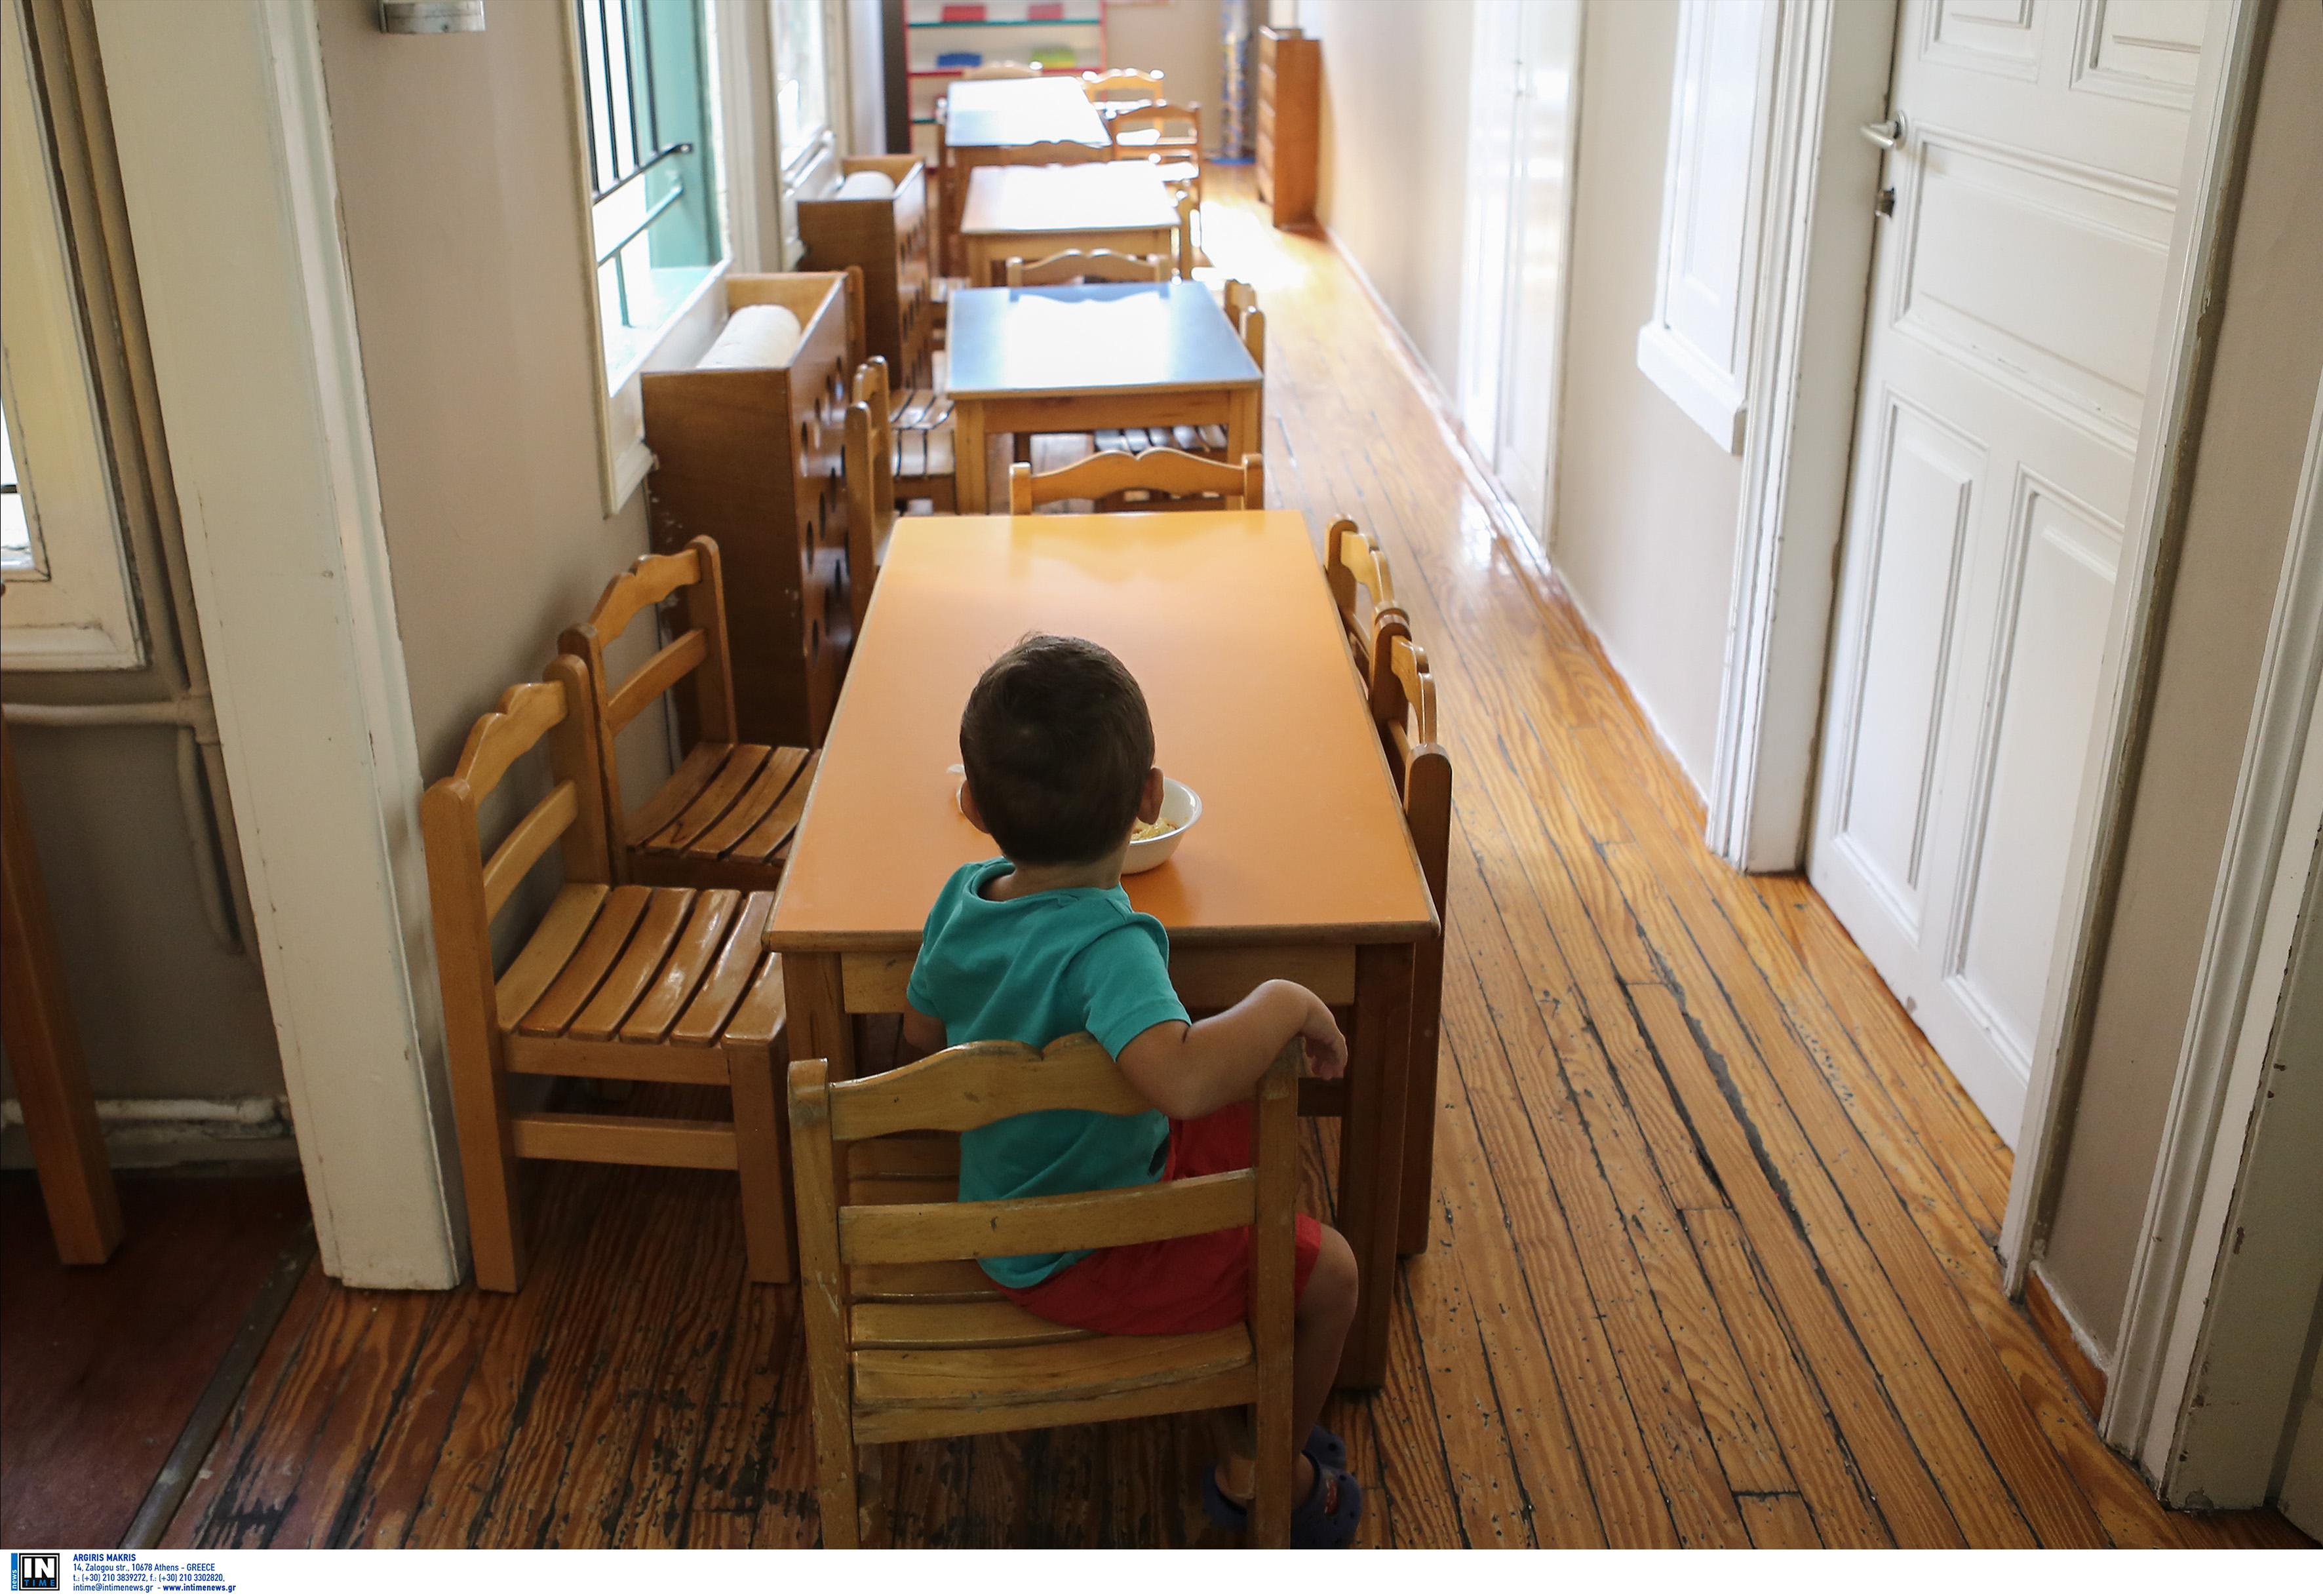 Πολυσυστηματικό φλεγμονώδες σύνδρομο: Τι προκαλεί στα παιδιά με κορονοϊό – Η κατάσταση του 5χρονου